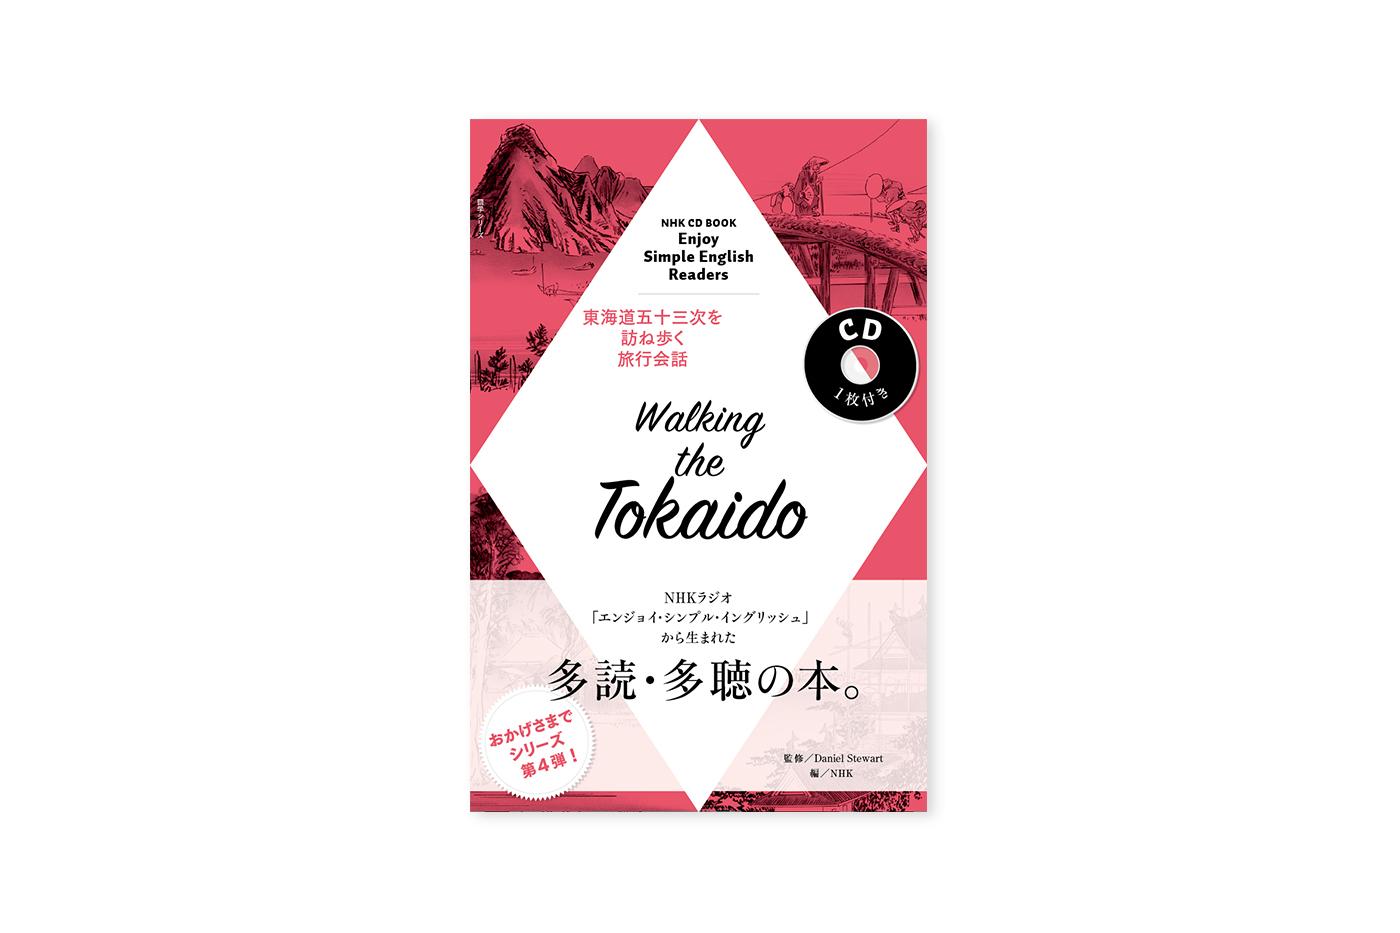 tokaido_hyoushi_right